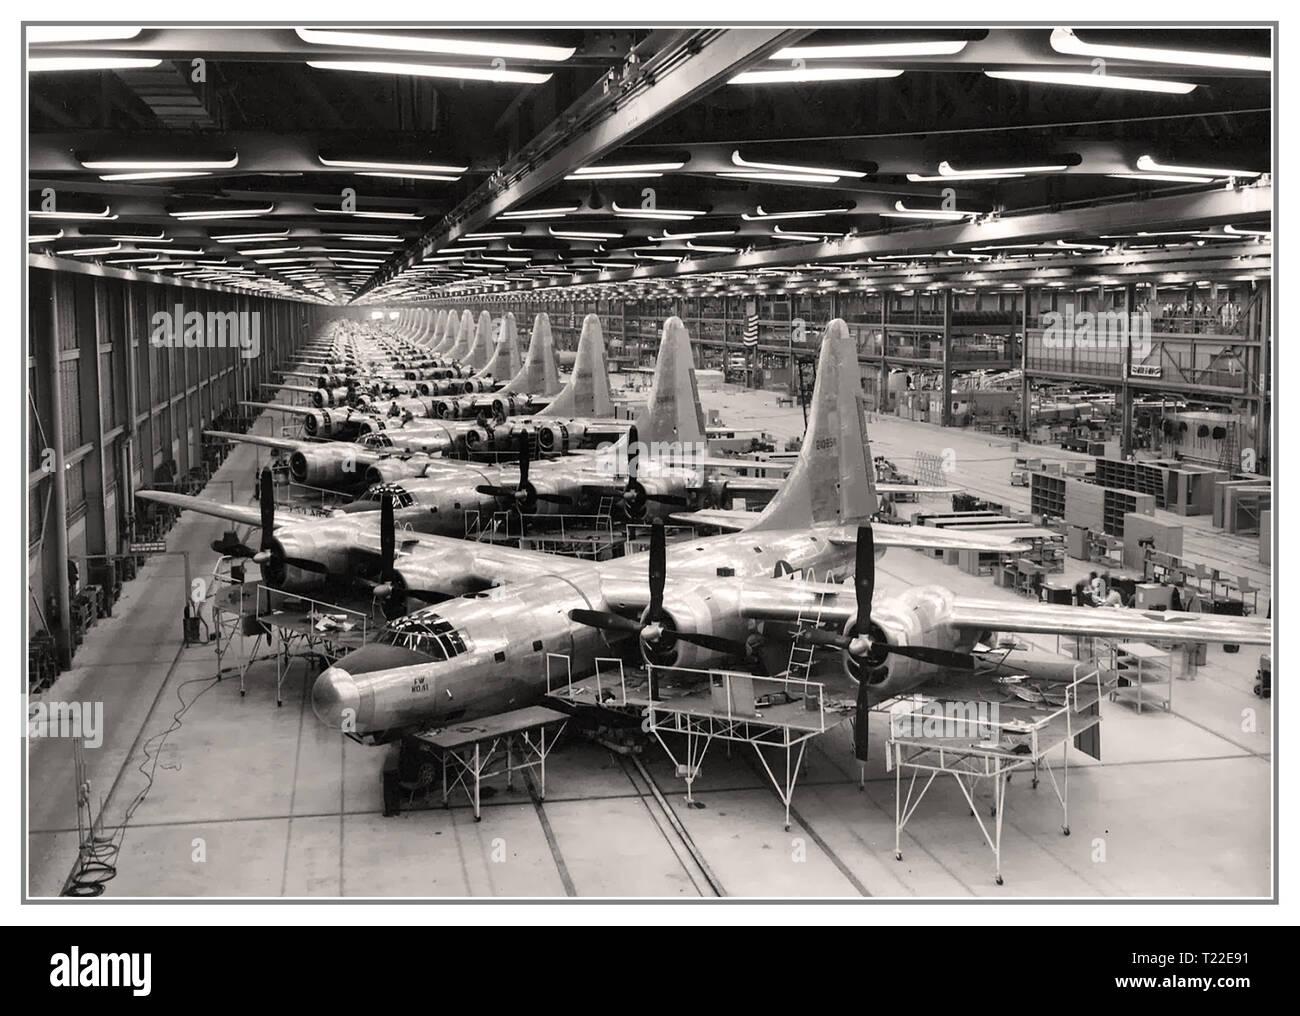 WW2 aerei di linea di produzione di B-32 bombardiere. Ampia impressionante di produzione su ampia scala di fabbrica di aeromobili in Fort Worth Texas USA 1944 II guerra mondiale grandi aerei di linea di produzione USA Immagini Stock